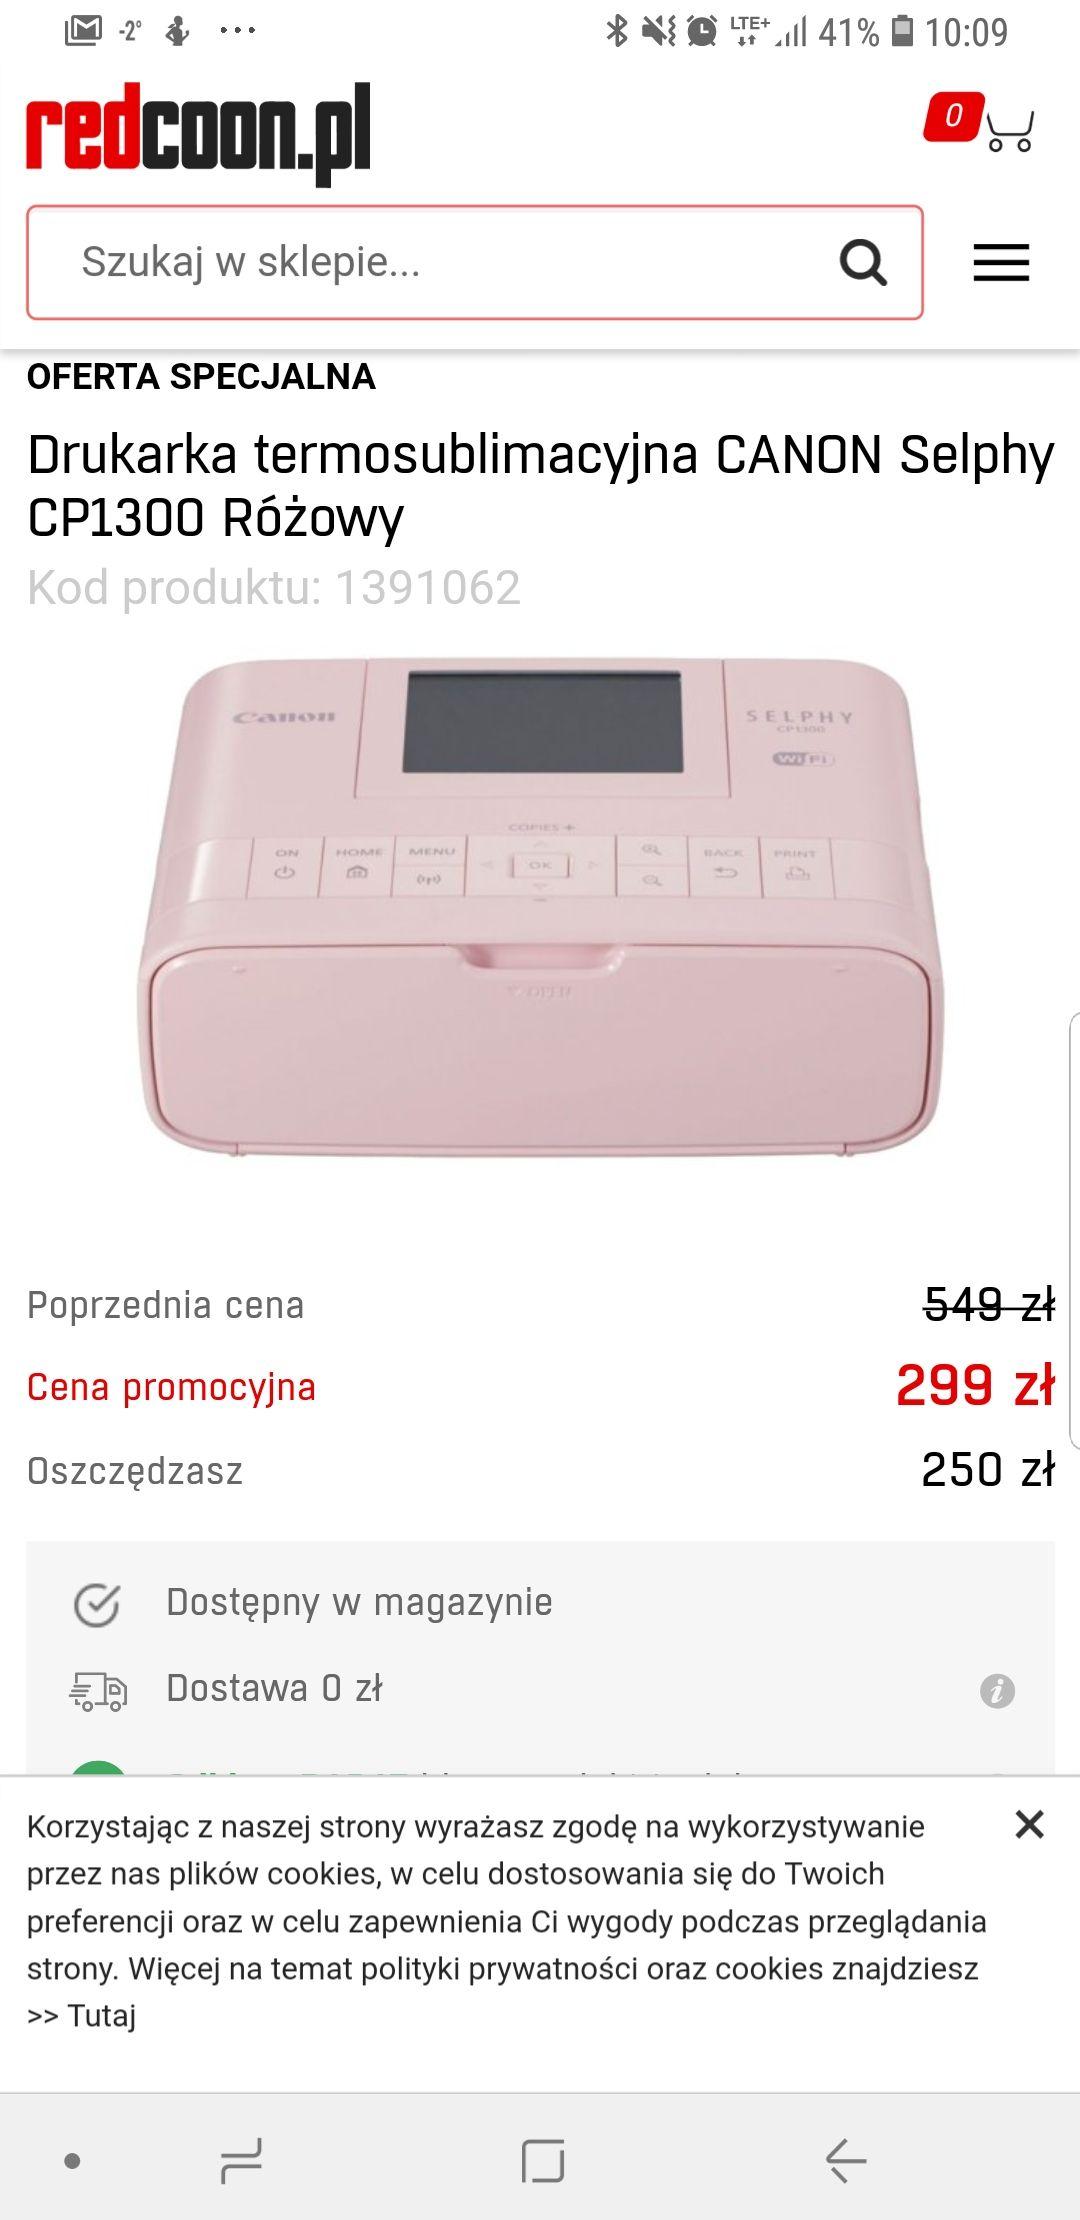 Canon Selphy CP1300 za 209 zł - drukarka termosublimacyjna (299 PLN cena BF - 90PLN Canon Cashback )